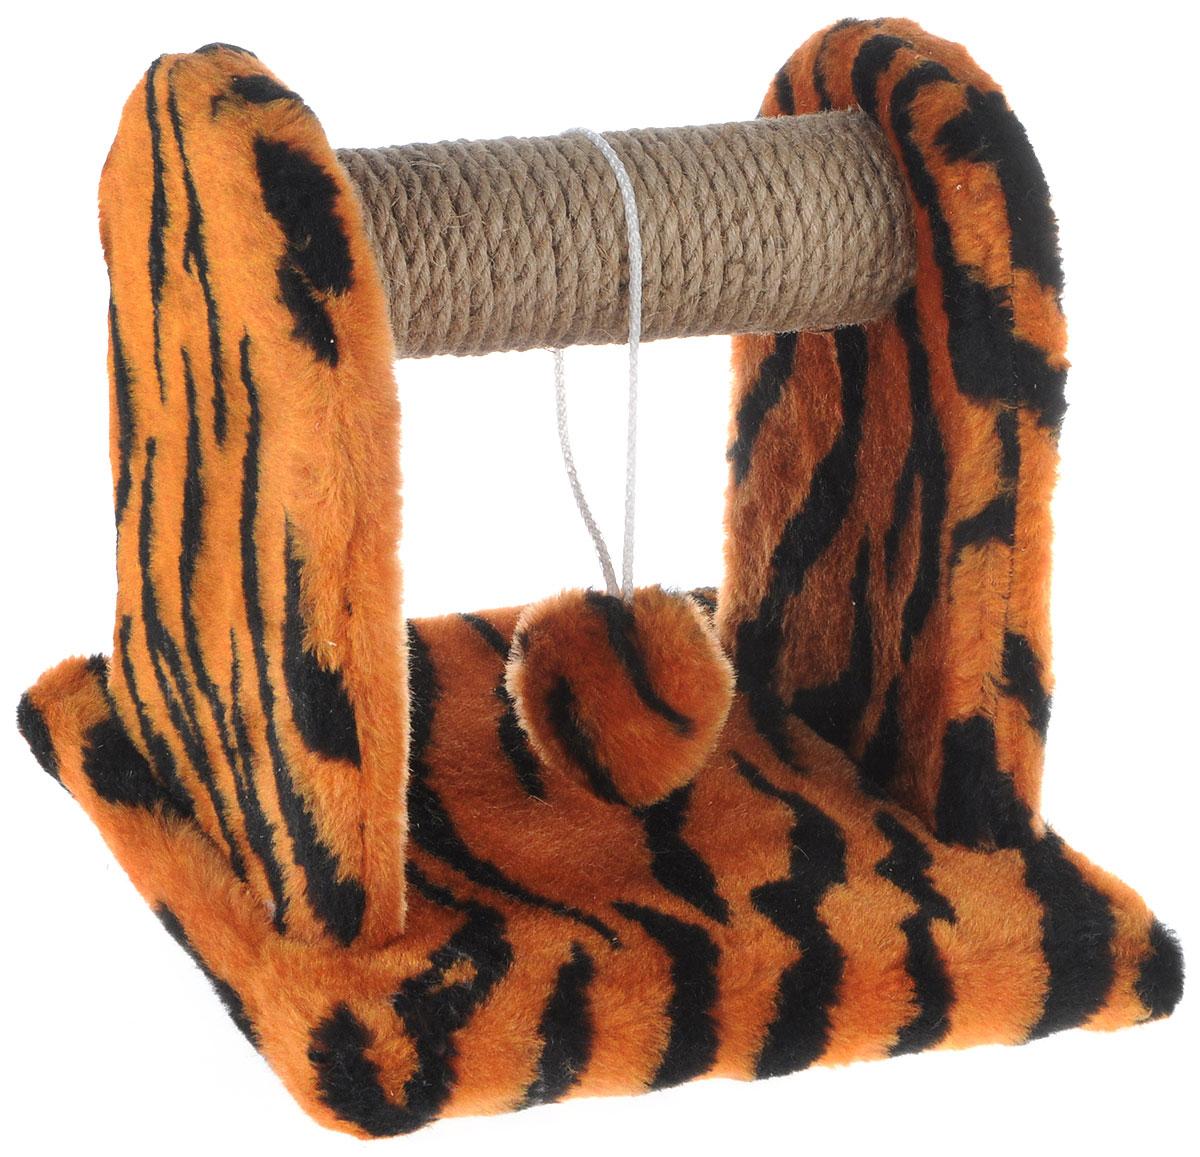 Когтеточка для котят Меридиан Тигровая, с игрушкой, 26 х 26 х 26 см12171996Когтеточка Меридиан Тигровая предназначена для стачивания когтей вашего котенка. Изделие выполнено из ДВП и ДСП, обтянуто искусственным мехом с принтом под тигра. Круглая планка изготовлена из джута. Изделие снабжено подвесной игрушкой. Такая когтеточка позволит сохранить неповрежденными мебель и другие предметы интерьера.